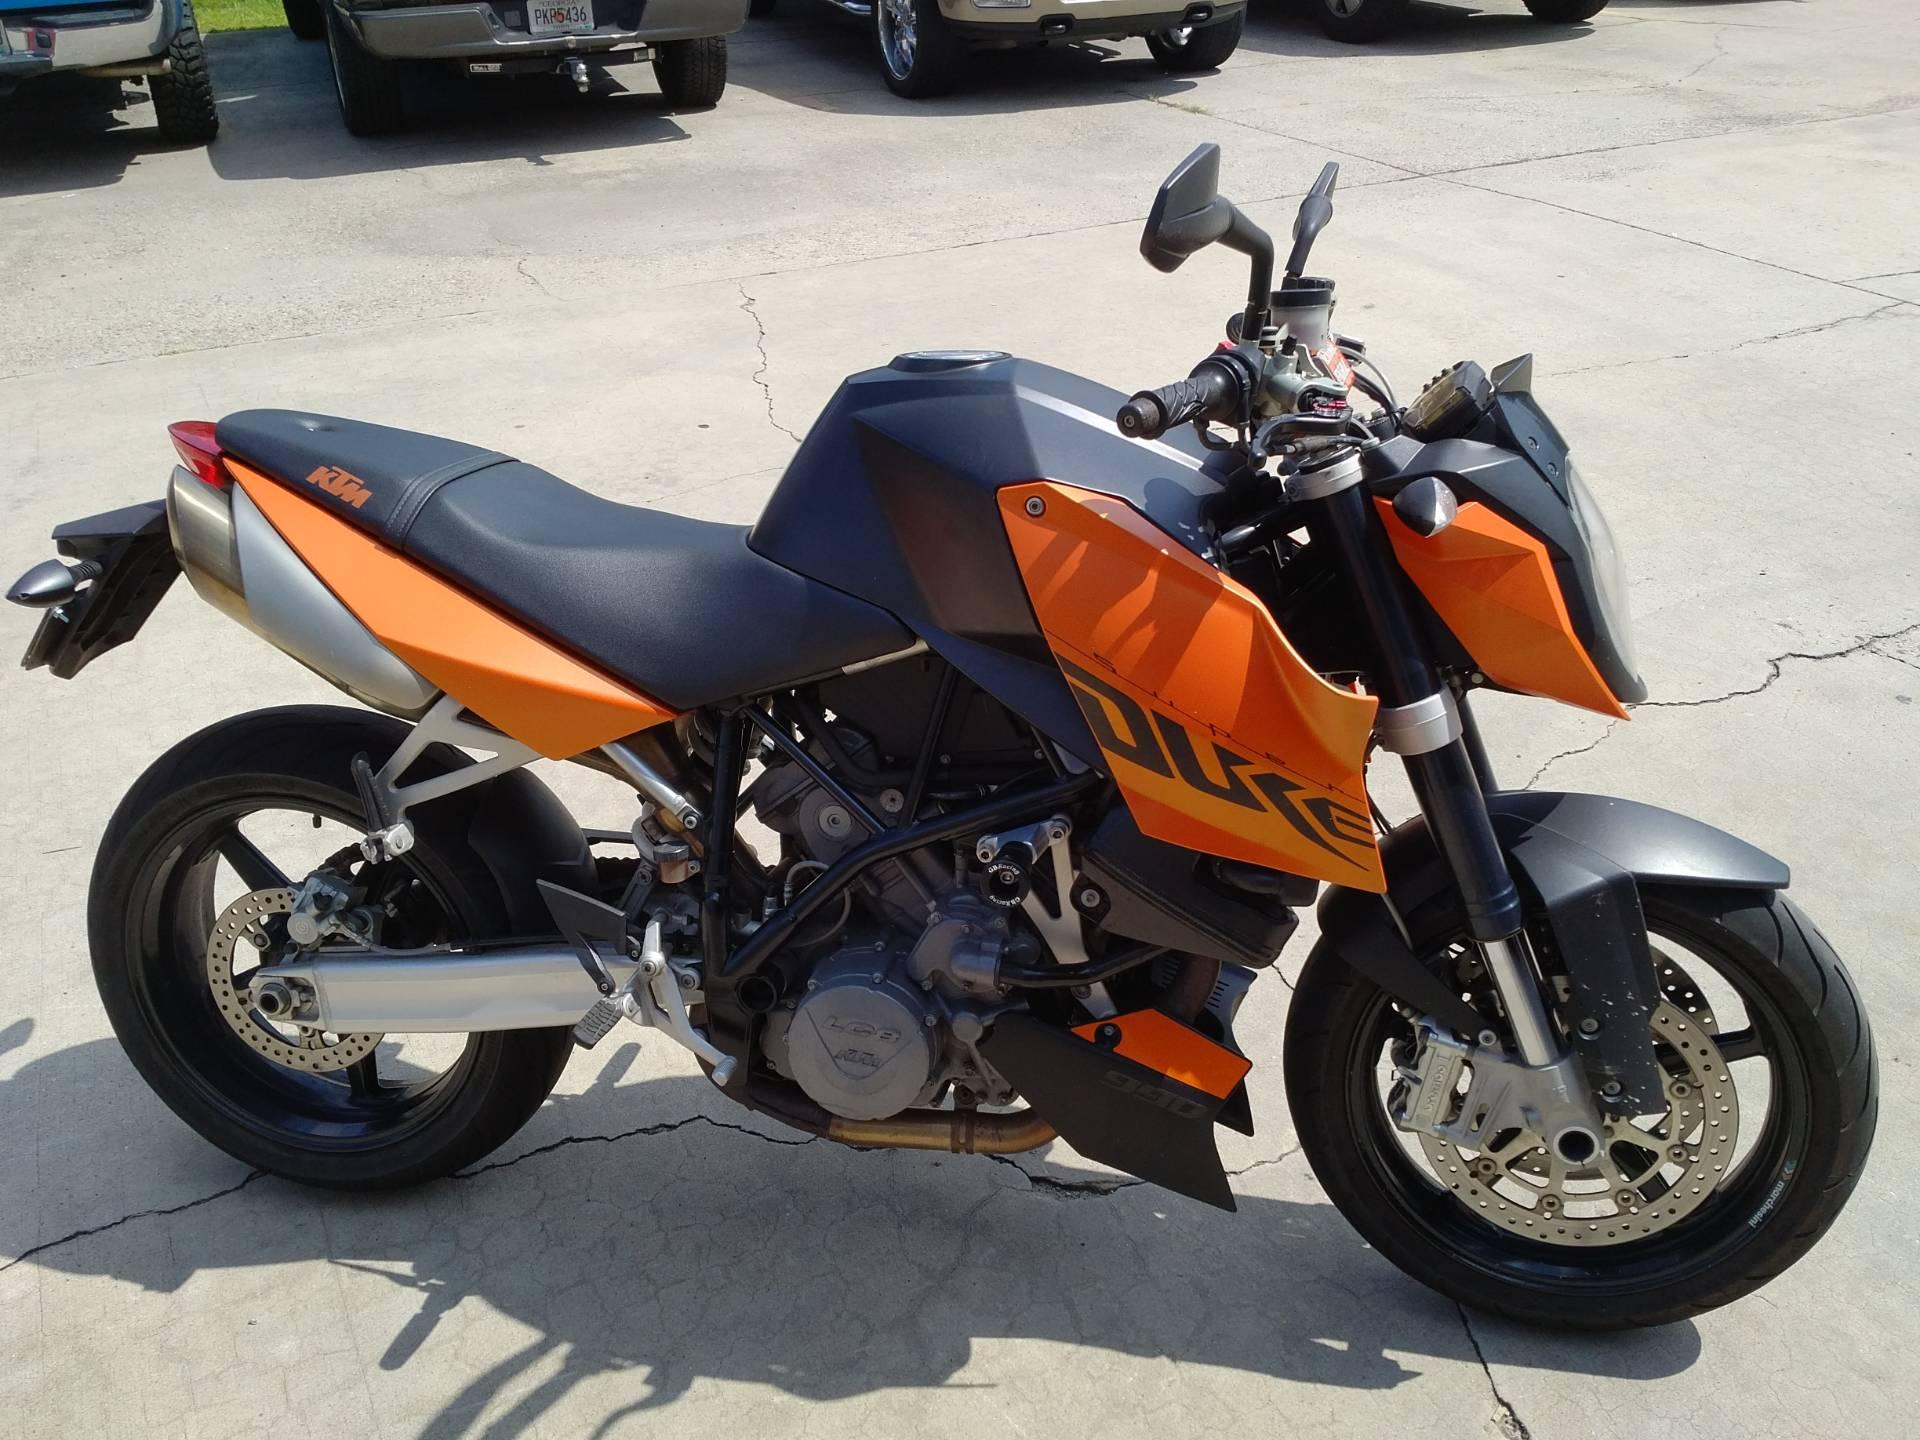 2008 990 Super Duke